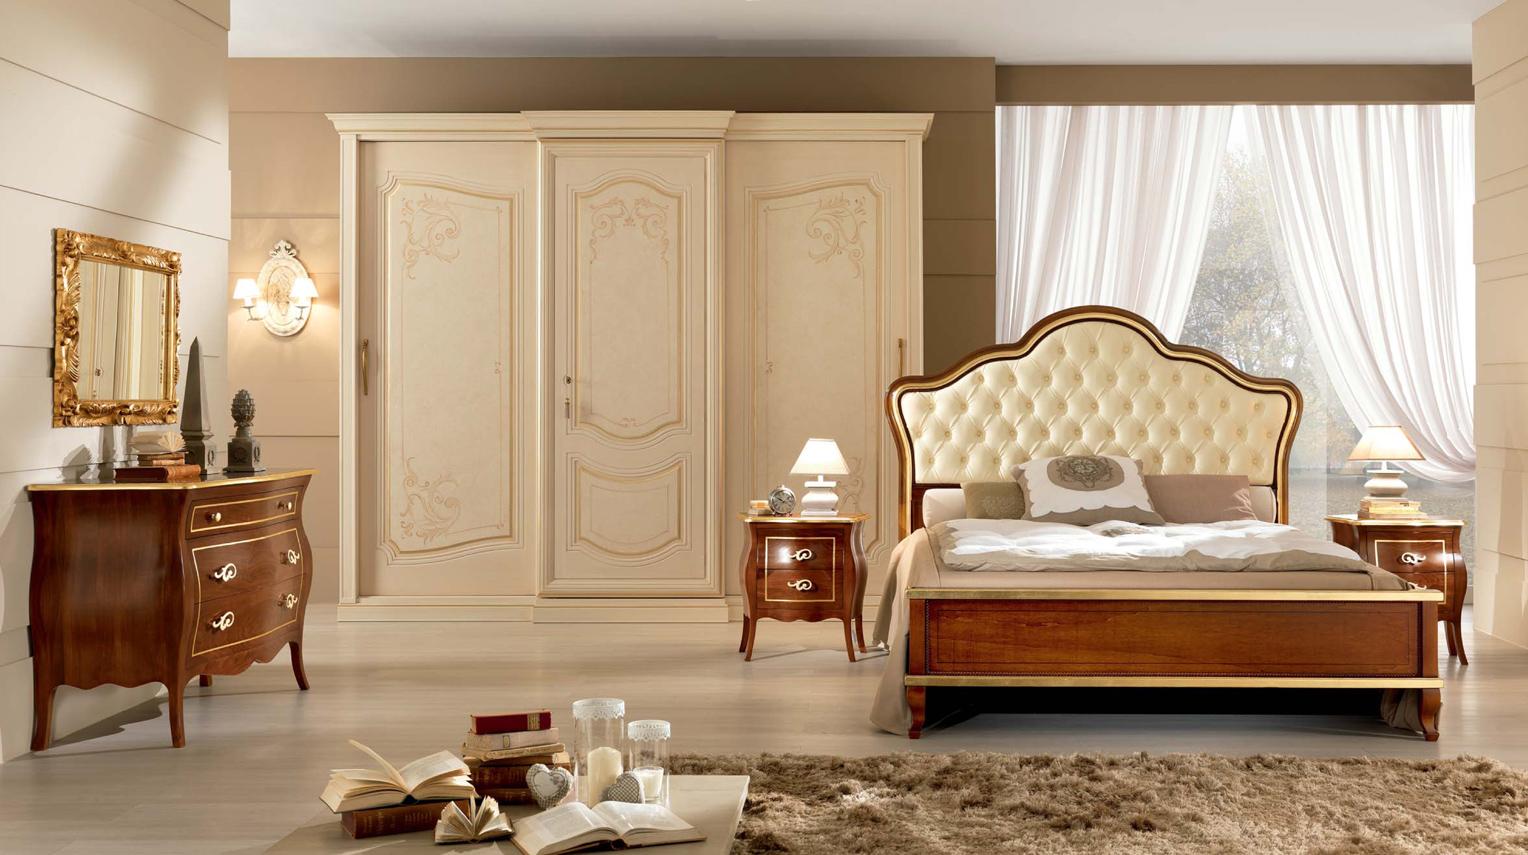 Composizione 9 Alfieri - Camera da letto elegante